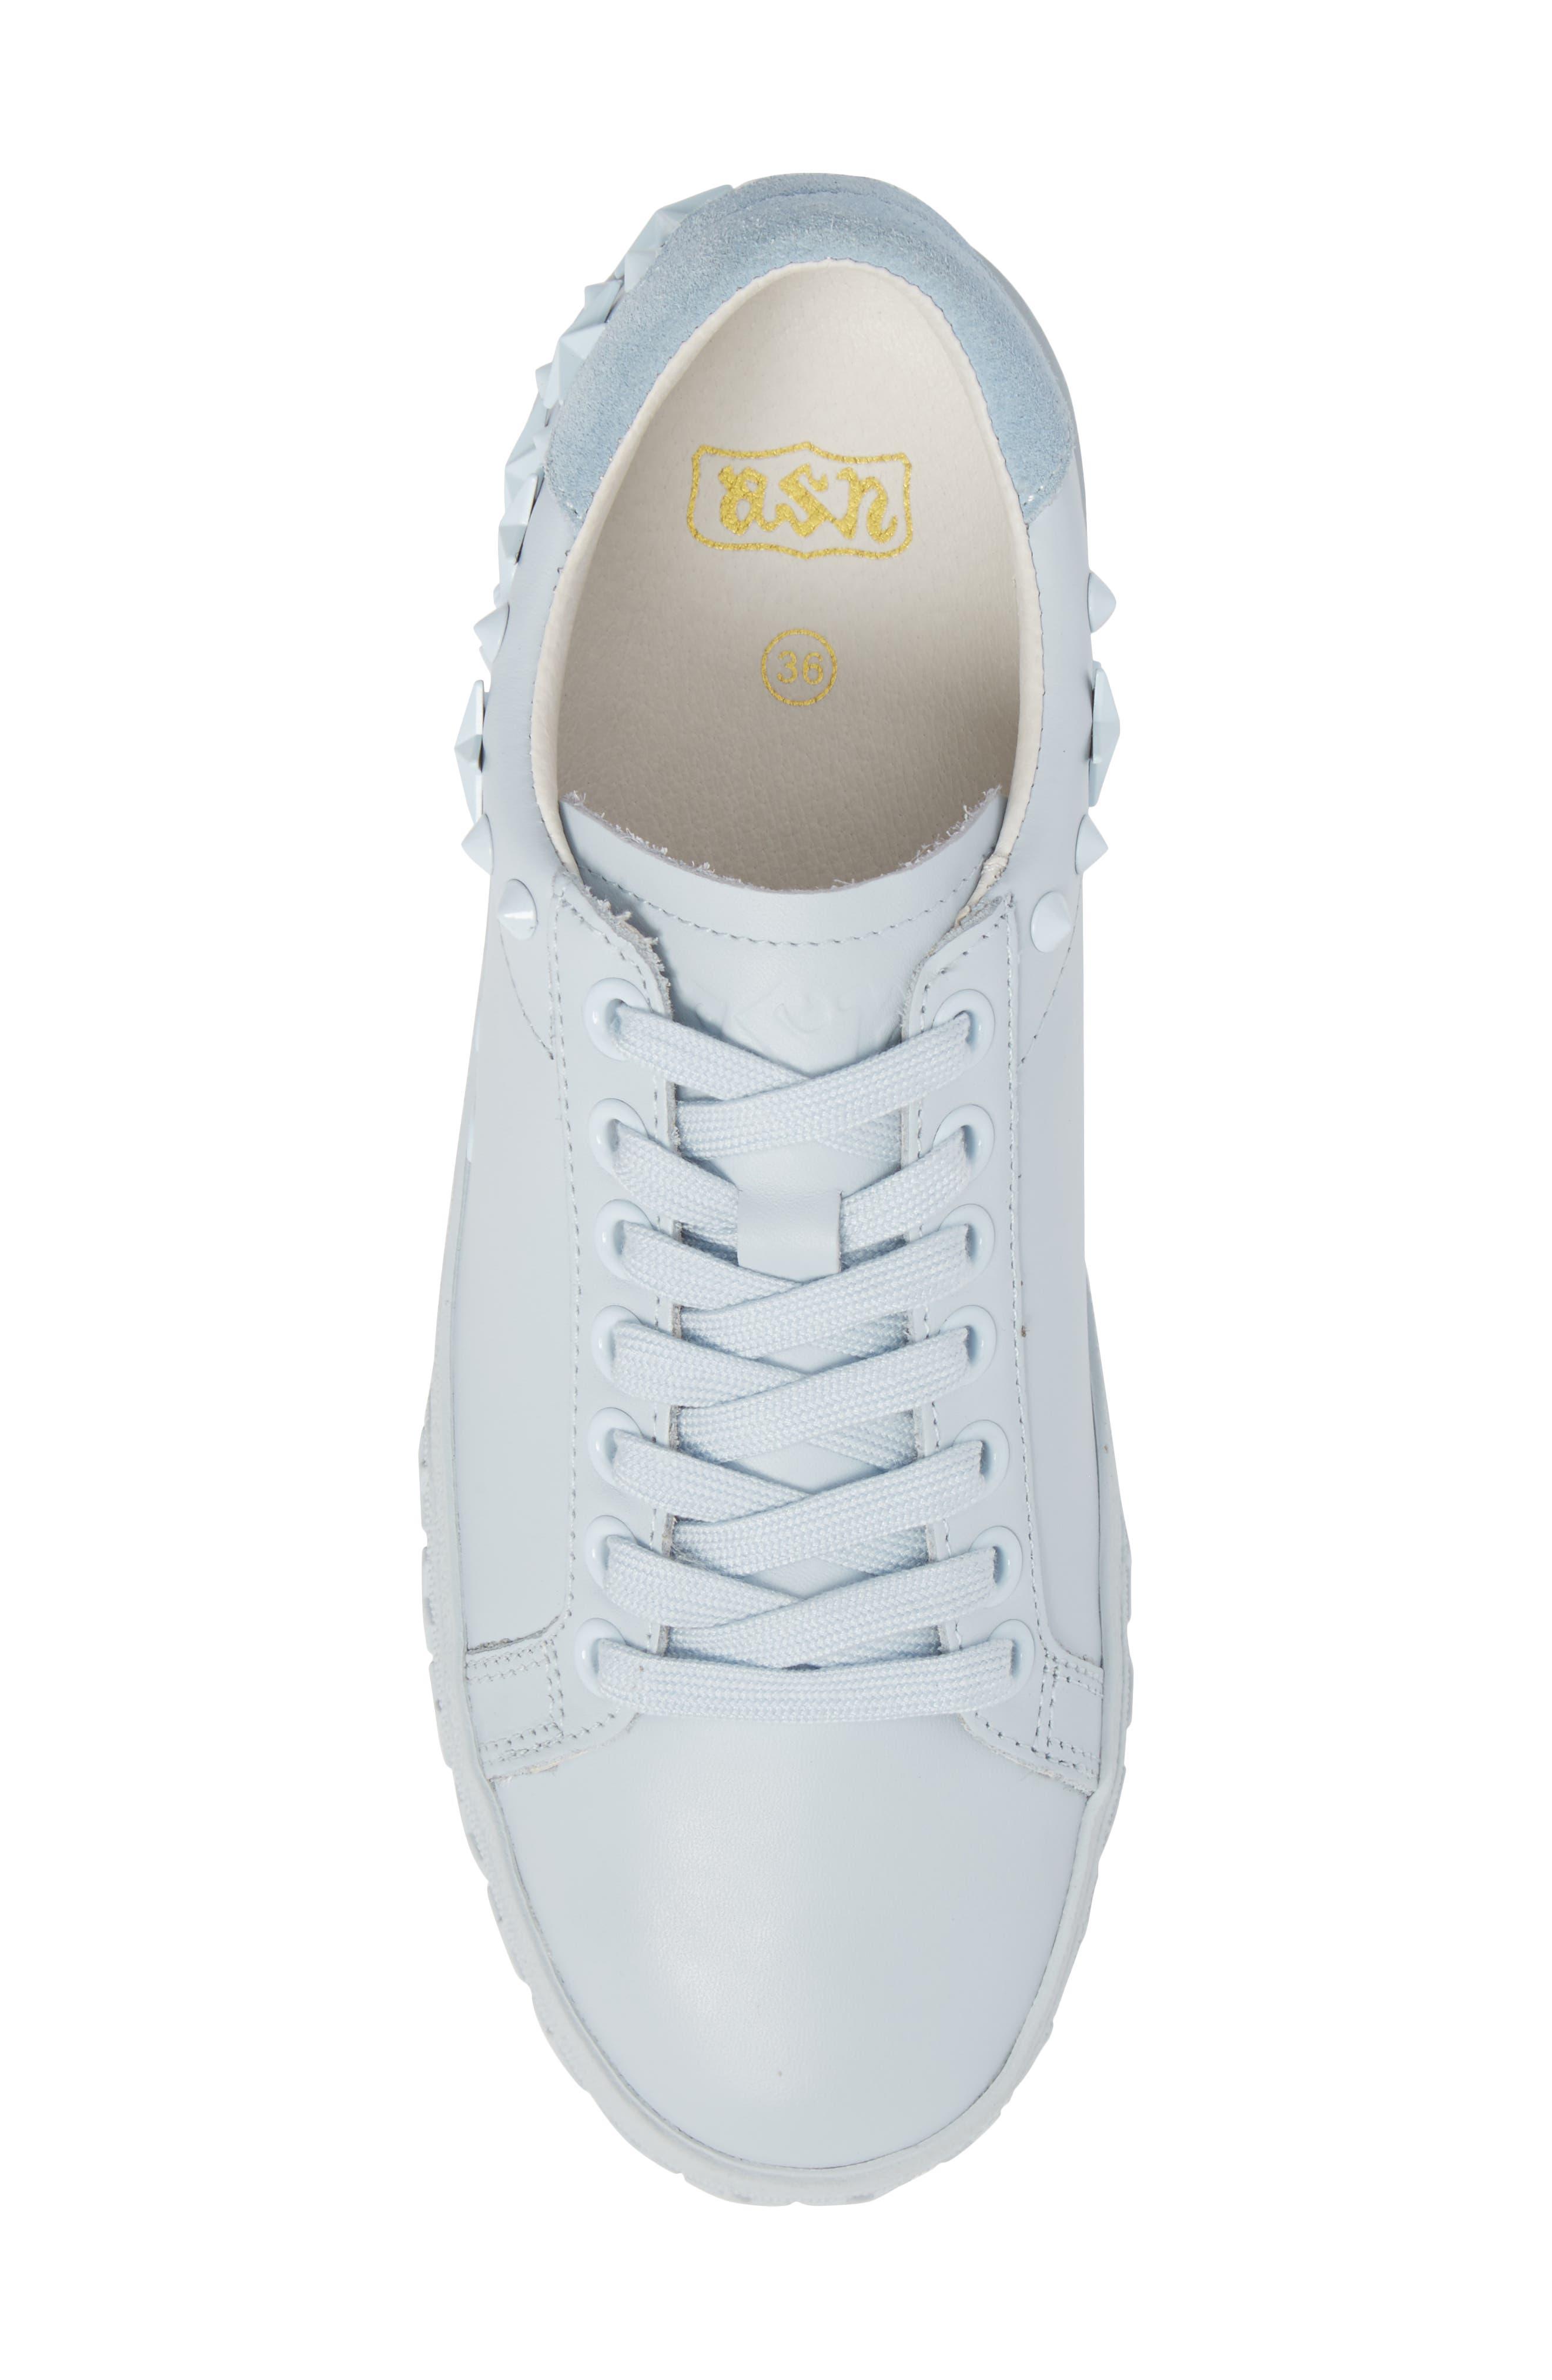 Dazed Sneaker,                             Alternate thumbnail 10, color,